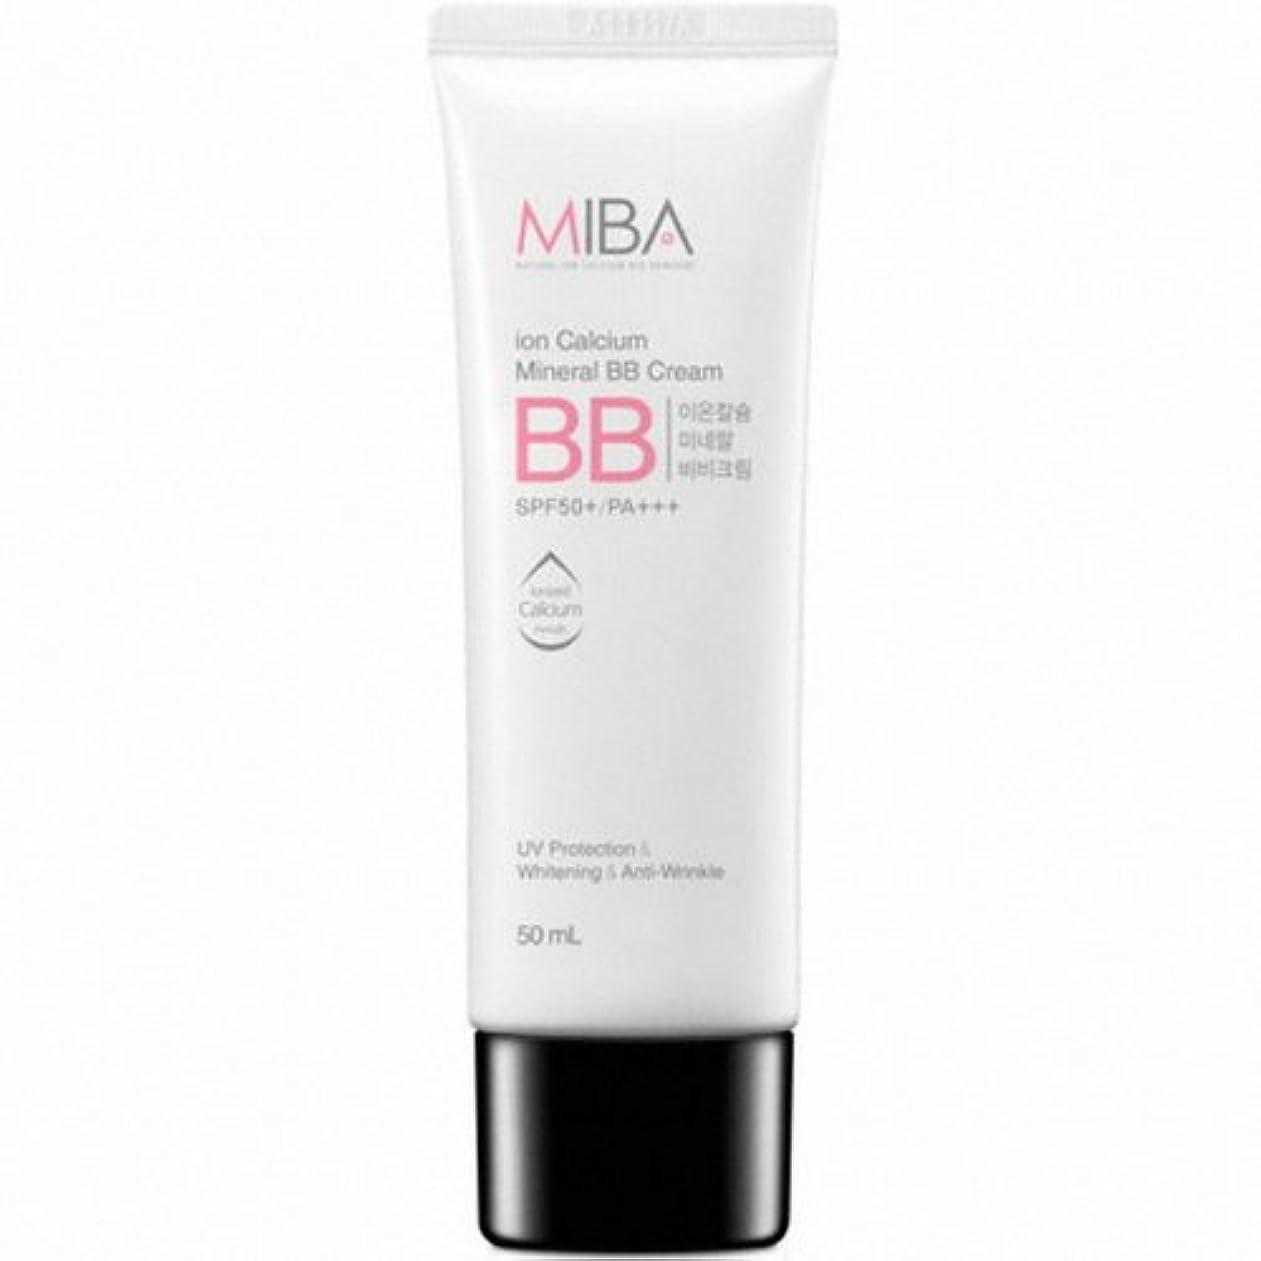 公演代表有限MINERALBIO (ミネラルバイオ) ミバ イオン カルシウム ミネラル ビビクリーム / MIBA Ion Calcium Mineral BB Cream (50ml) [並行輸入品]